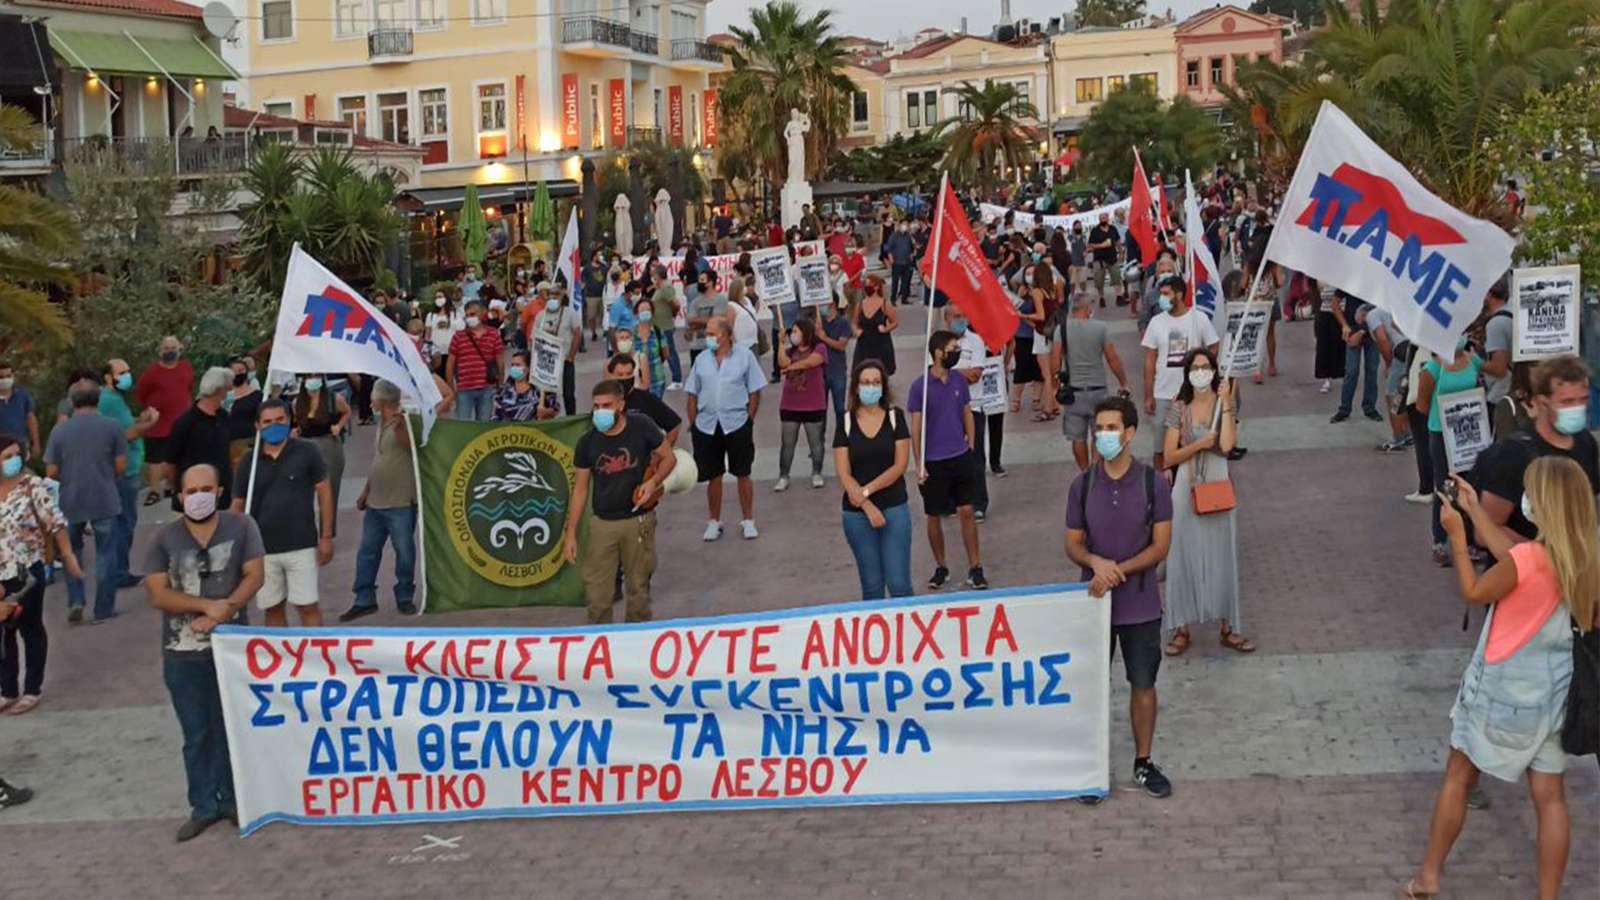 Λέσβος Lesvos 9 Sep 2020